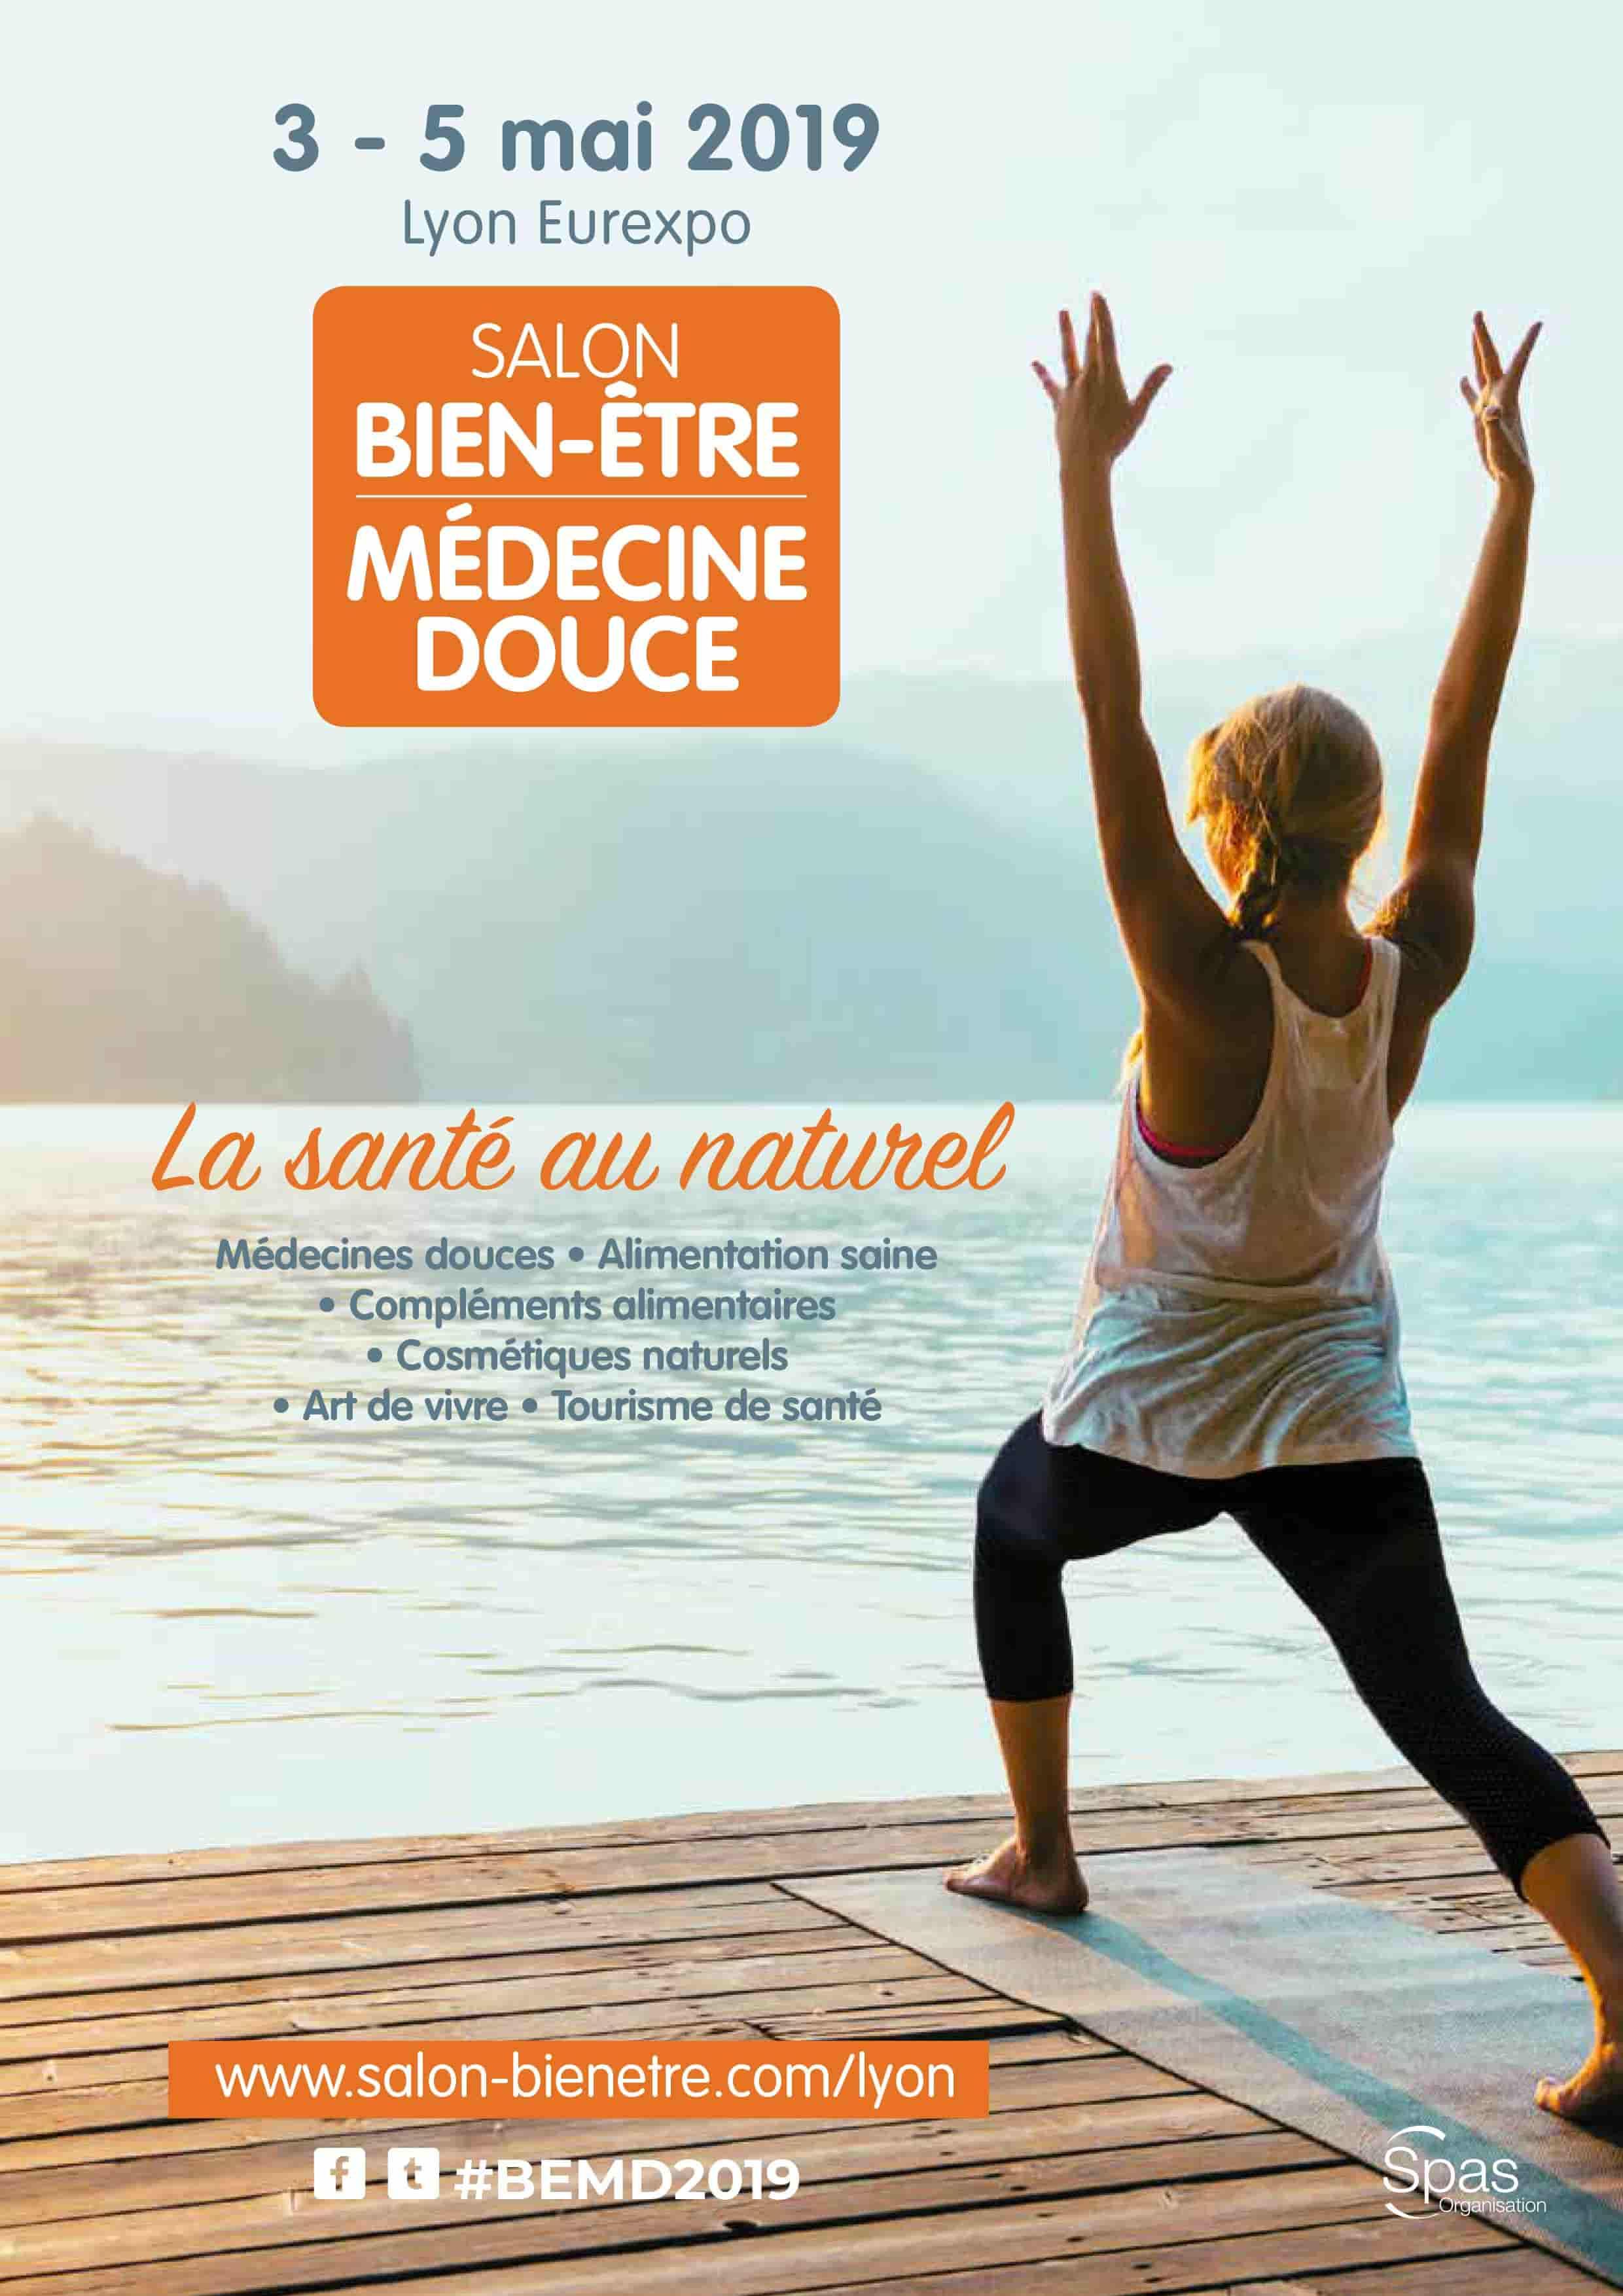 Salon bien-être médecine douce Lyon 2019